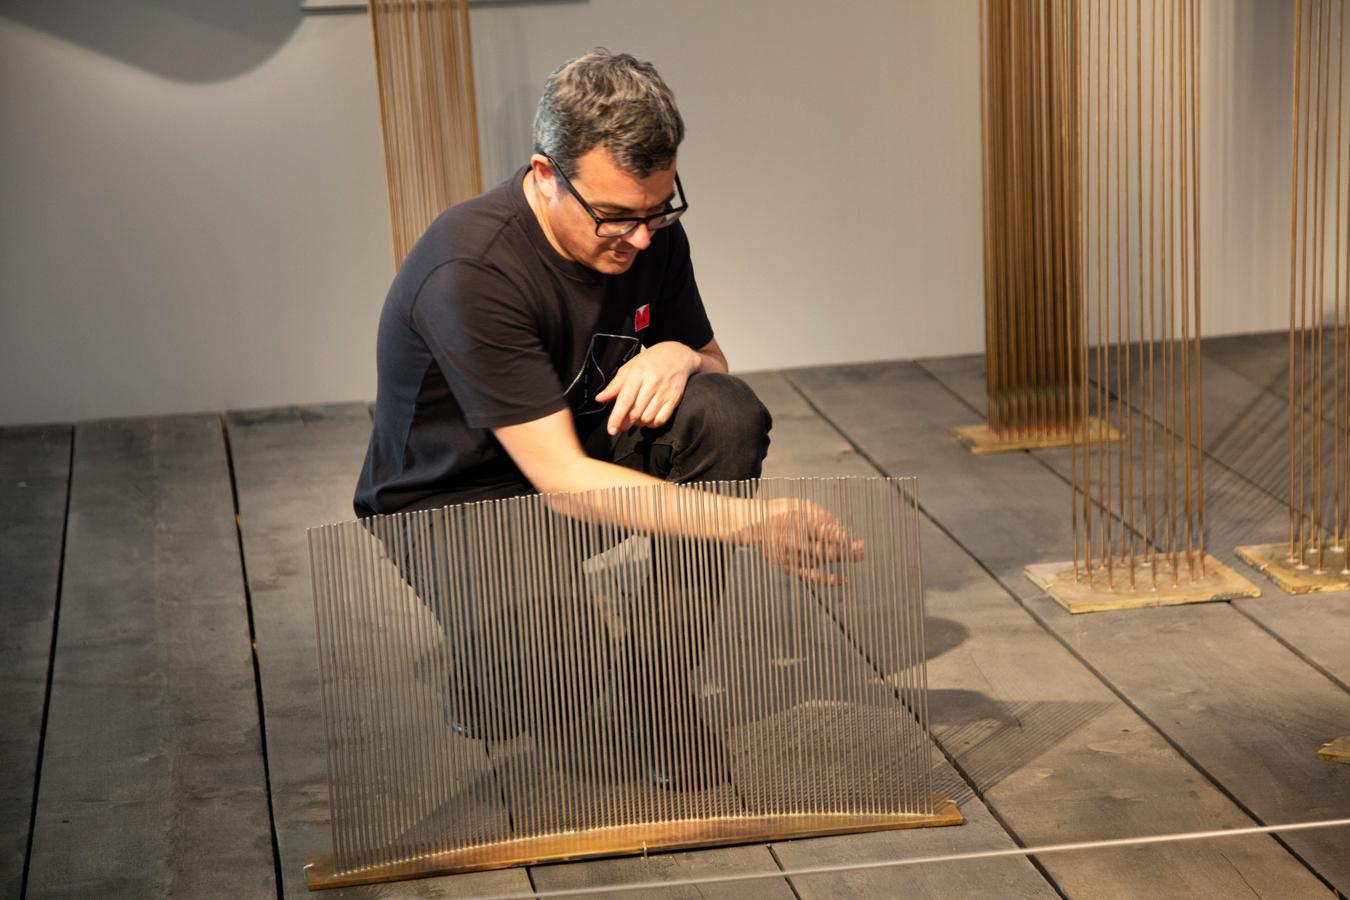 Val Bertoia Sounding Sculptures installation